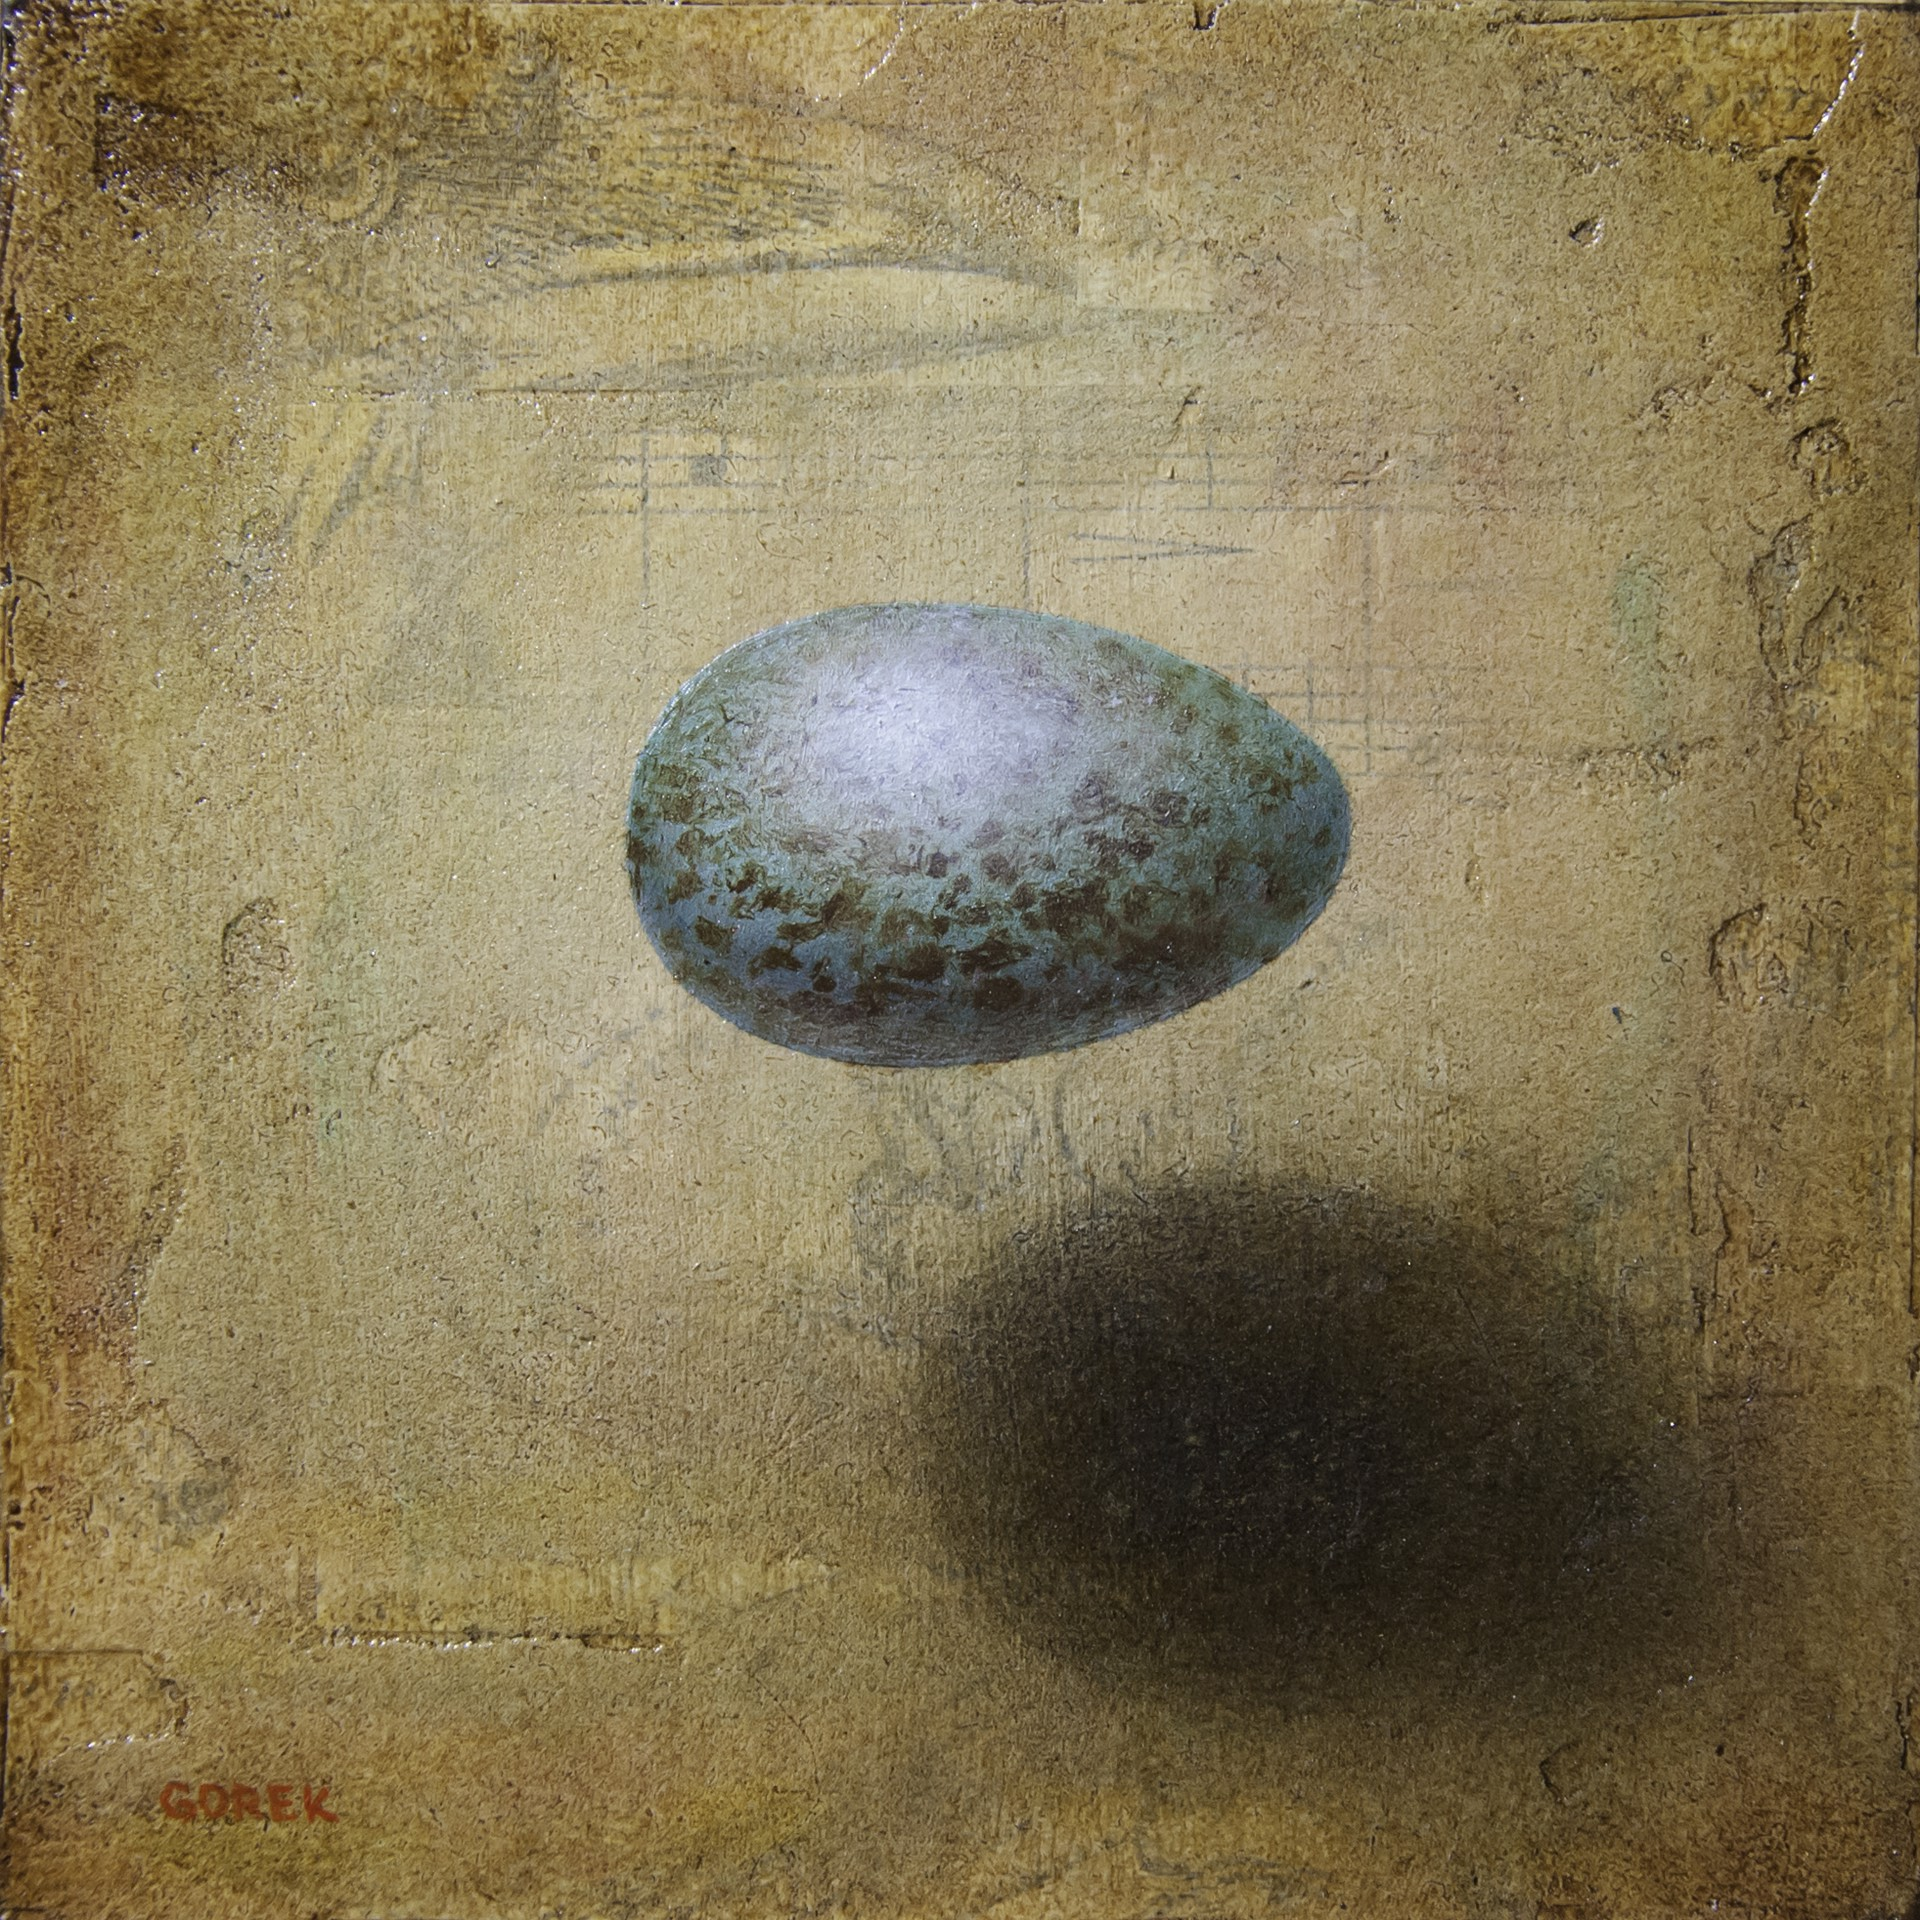 Raven's Egg by Thane Gorek